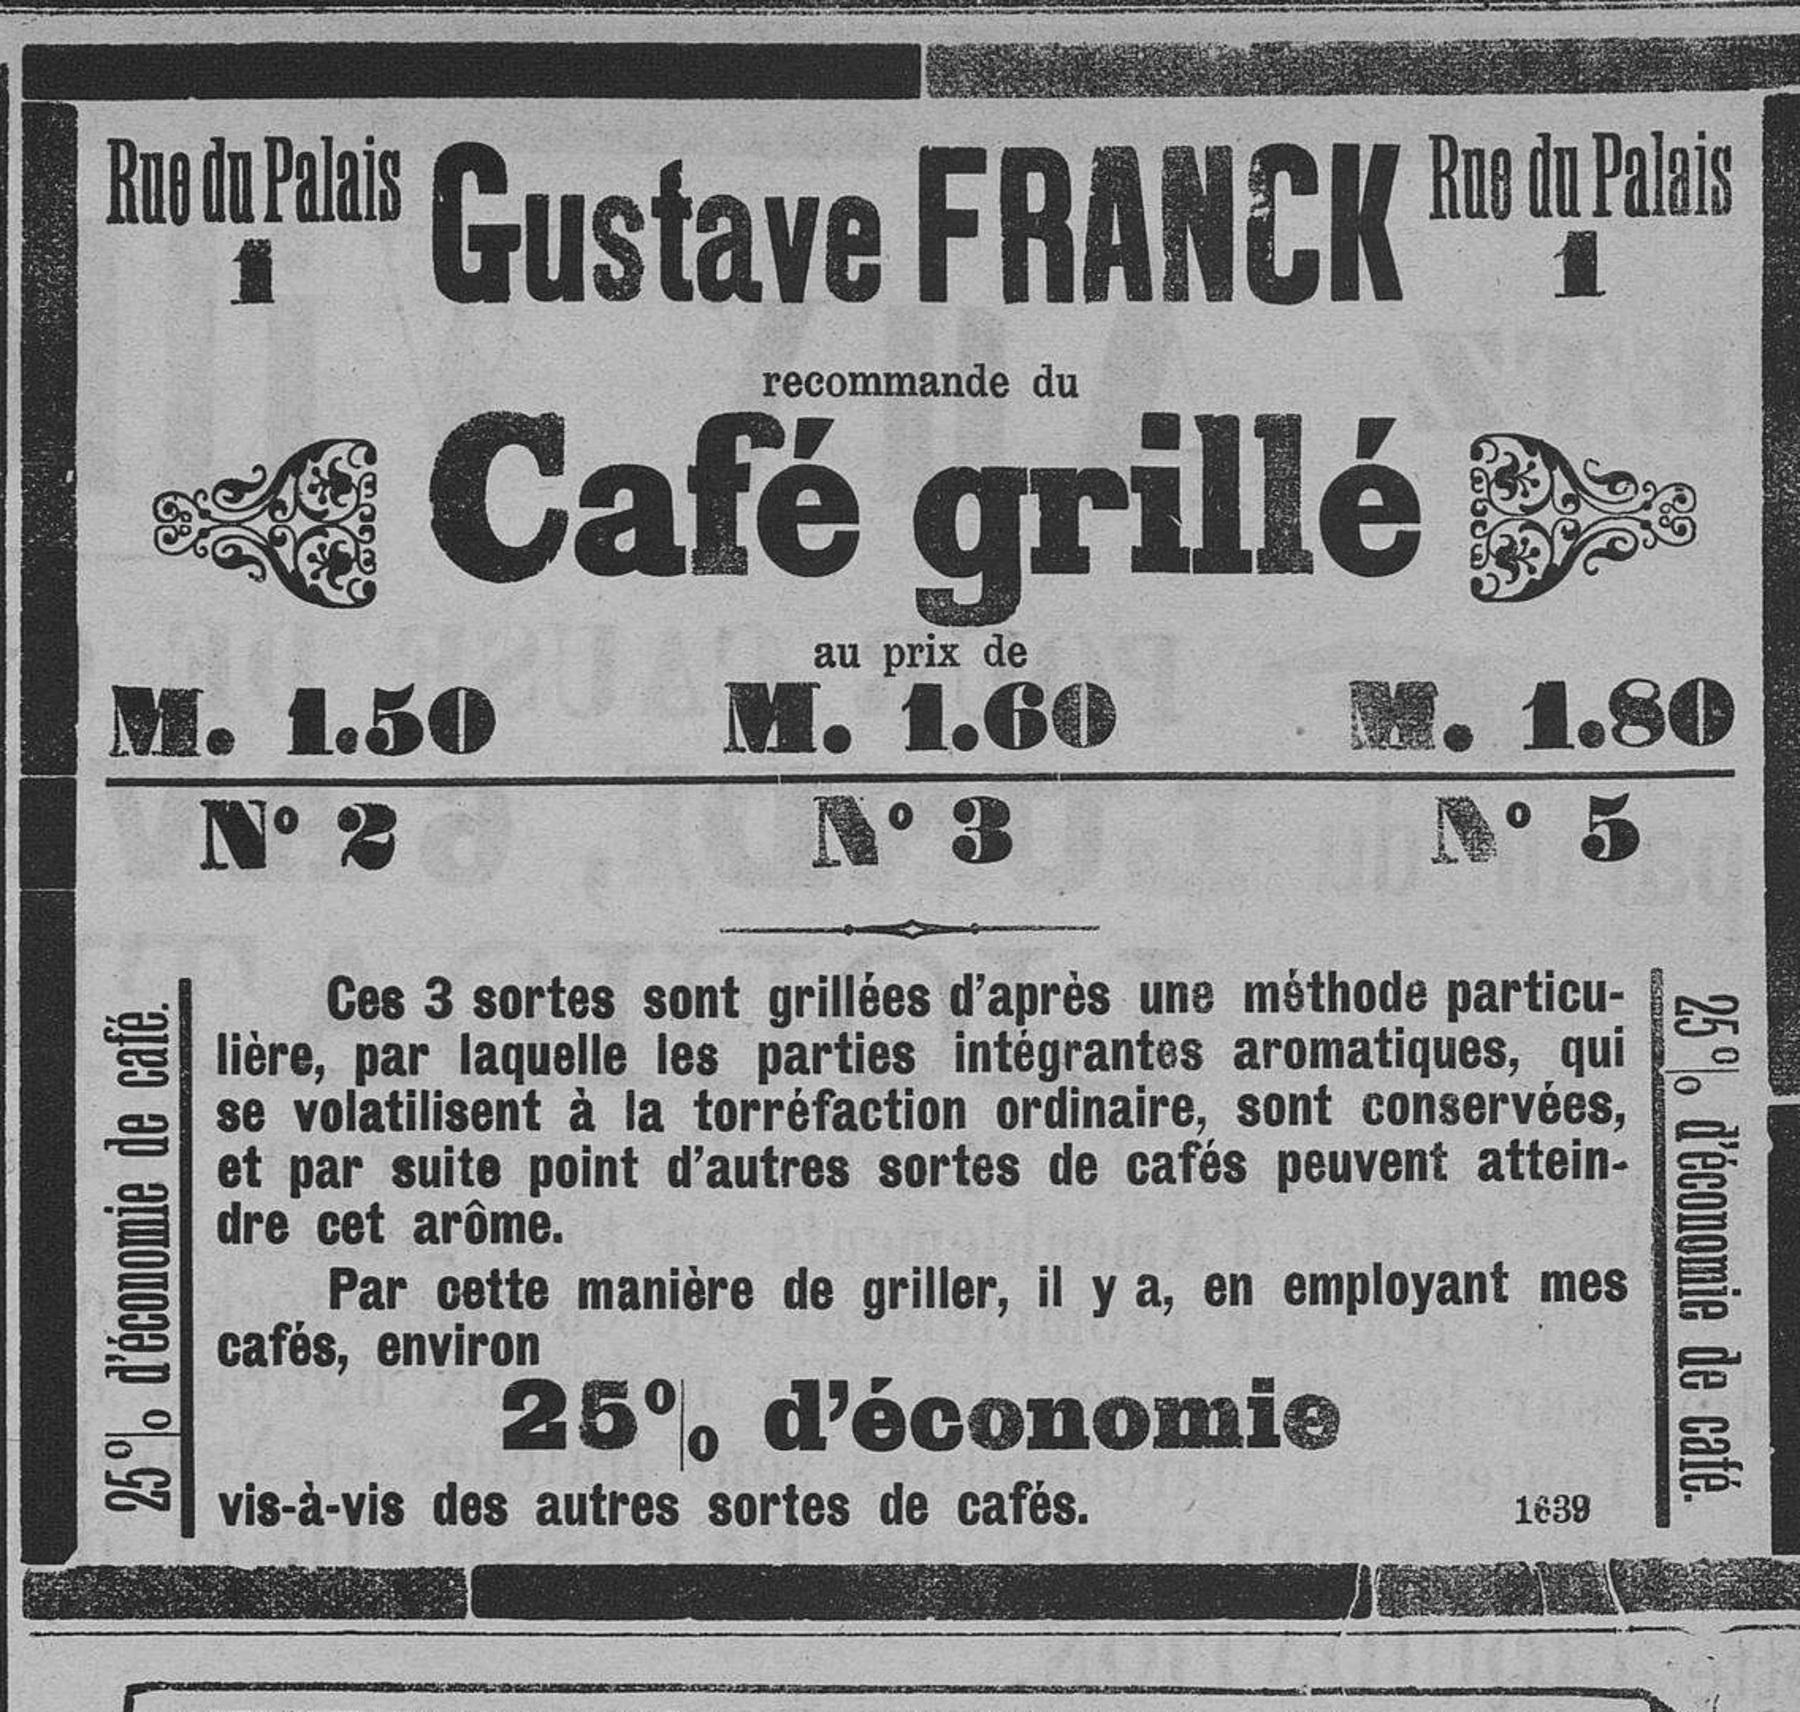 Contenu du Gustave Franck recommande du Café grillé